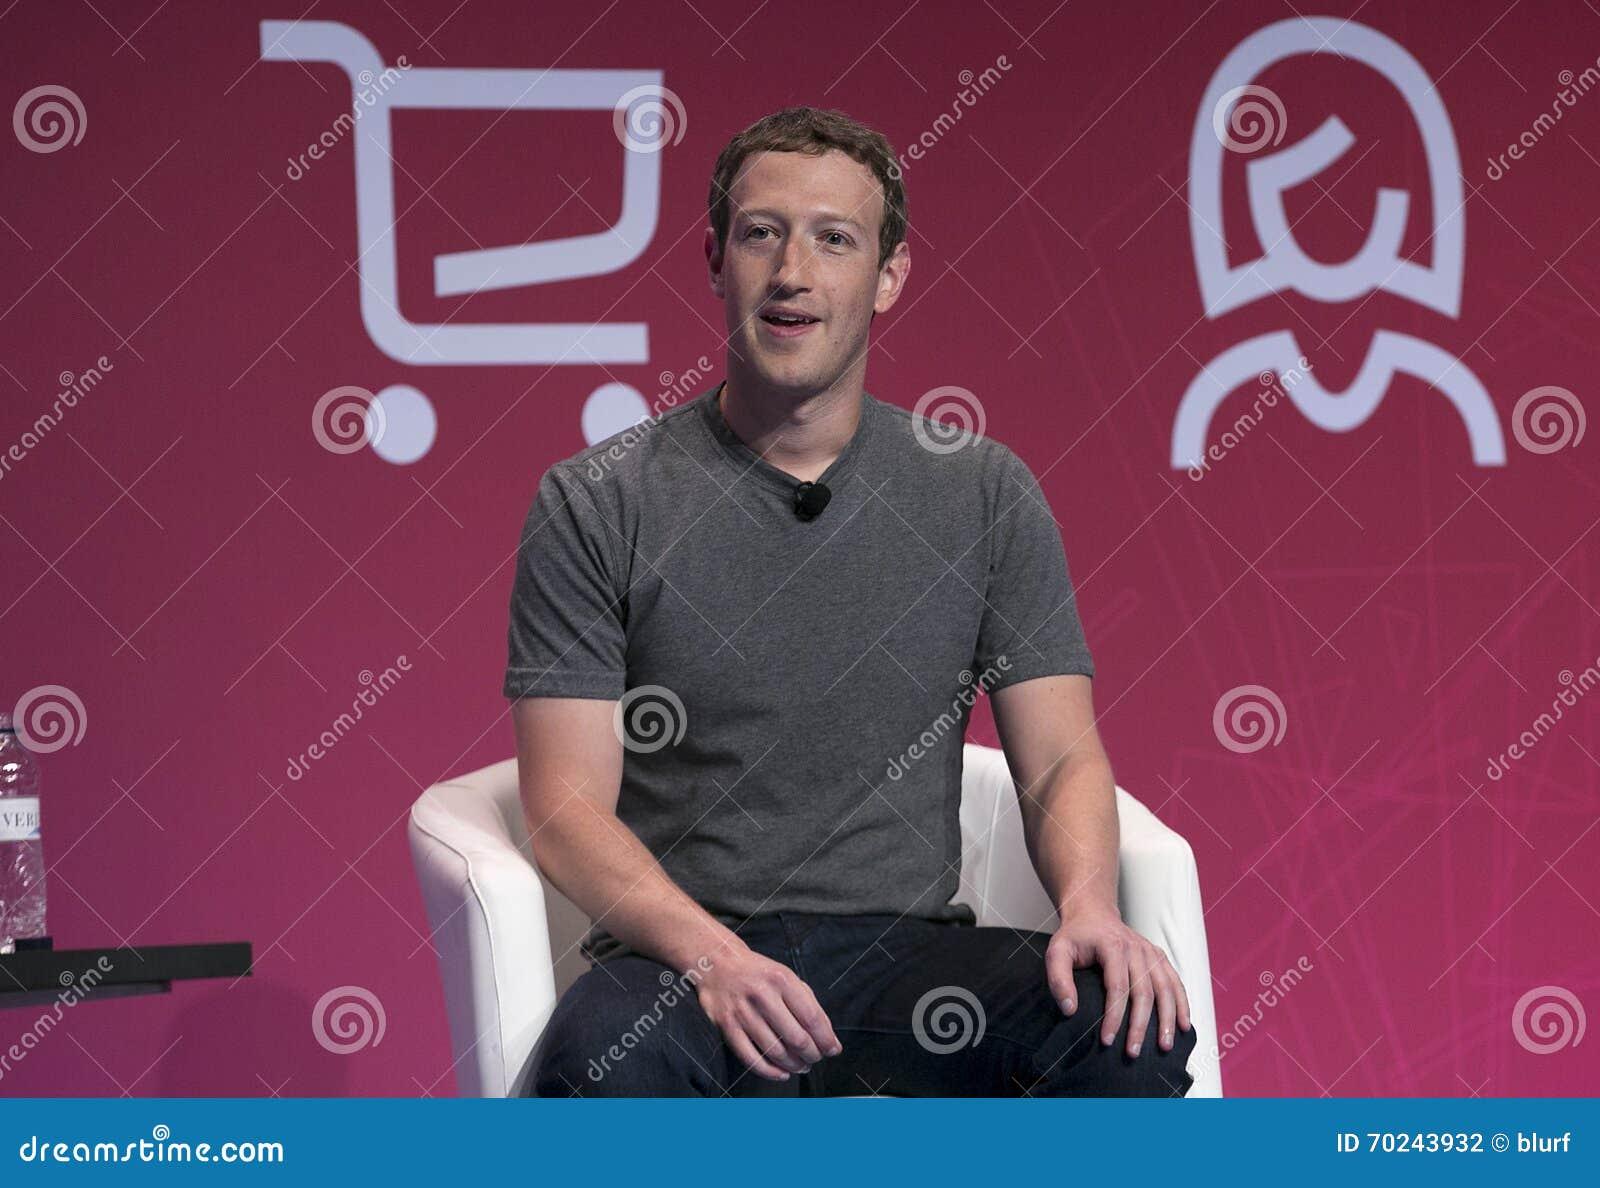 Zuckerberg wmc